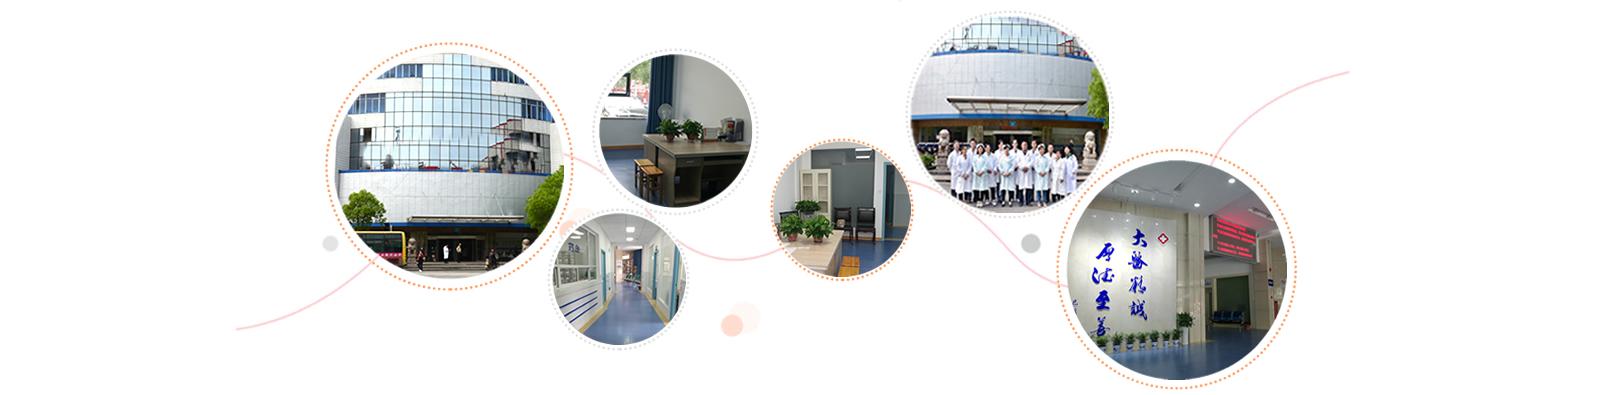 长沙癫痫病专科医院环境